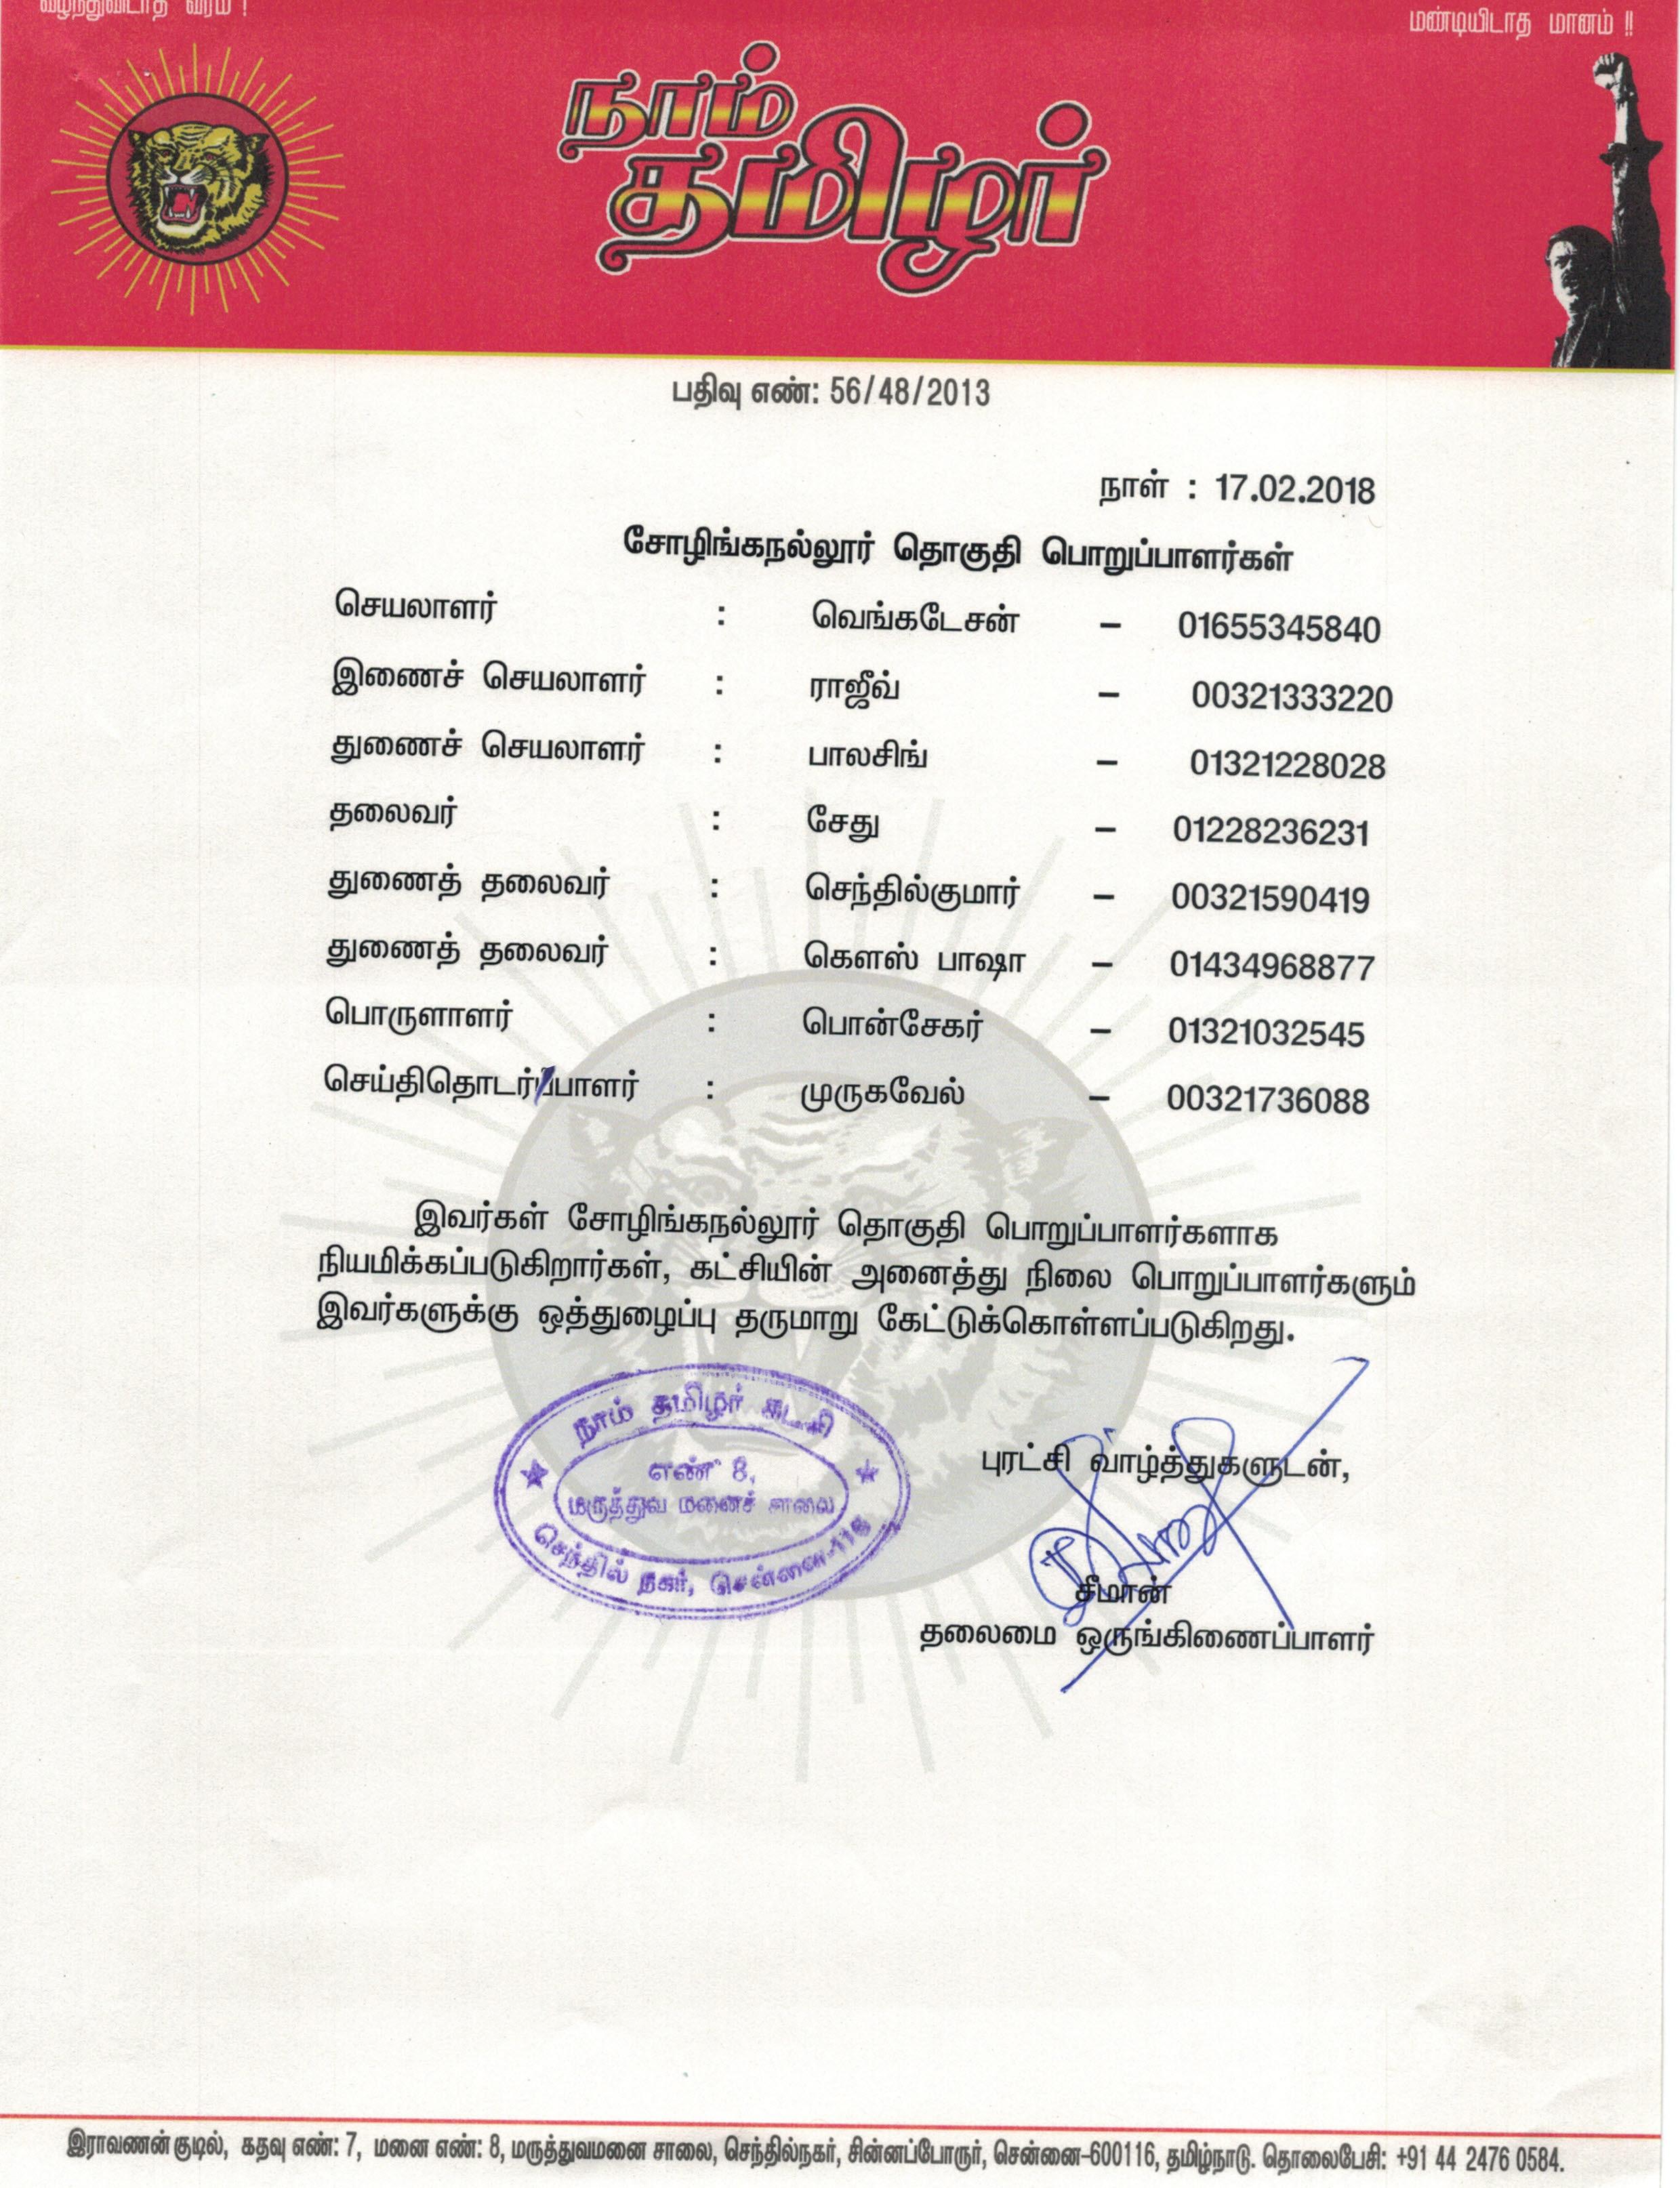 மாவட்டப் பொறுப்பாளர்களுடன் சீமான் சந்திப்பு மற்றும் புதிய நிர்வாகிகள் நியமனம் – (காஞ்சிபுரம் : கிழக்கு மண்டலம் ) seeman announced solinganallur constituency naam tamilar katchi authorities 2018